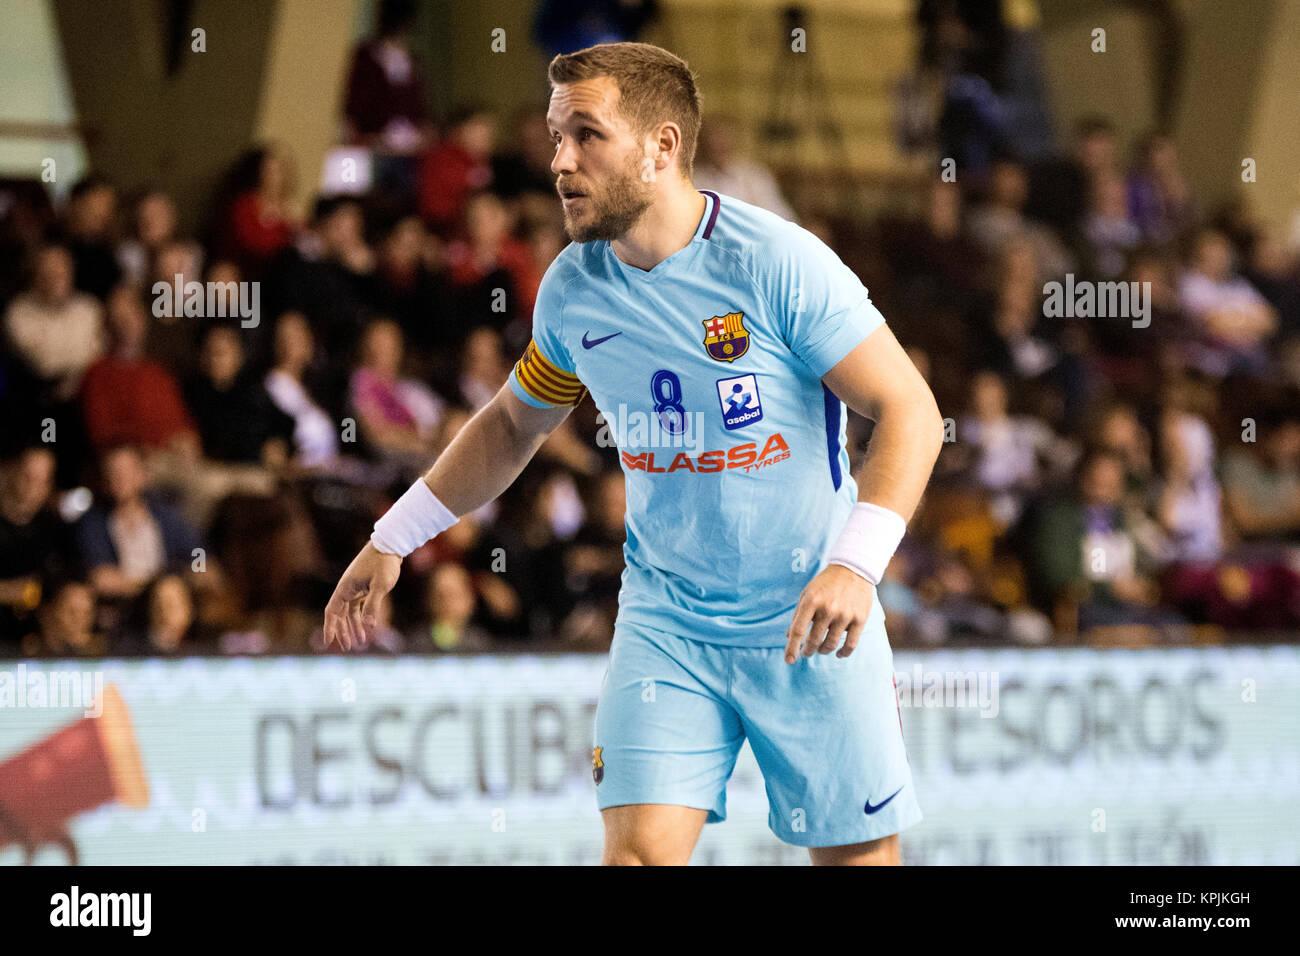 Leon, Spagna. 16 dicembre, 2017. Victor Tomas (FC Barcelona) durante la partita di pallamano di spagnolo 2017/2018 Immagini Stock